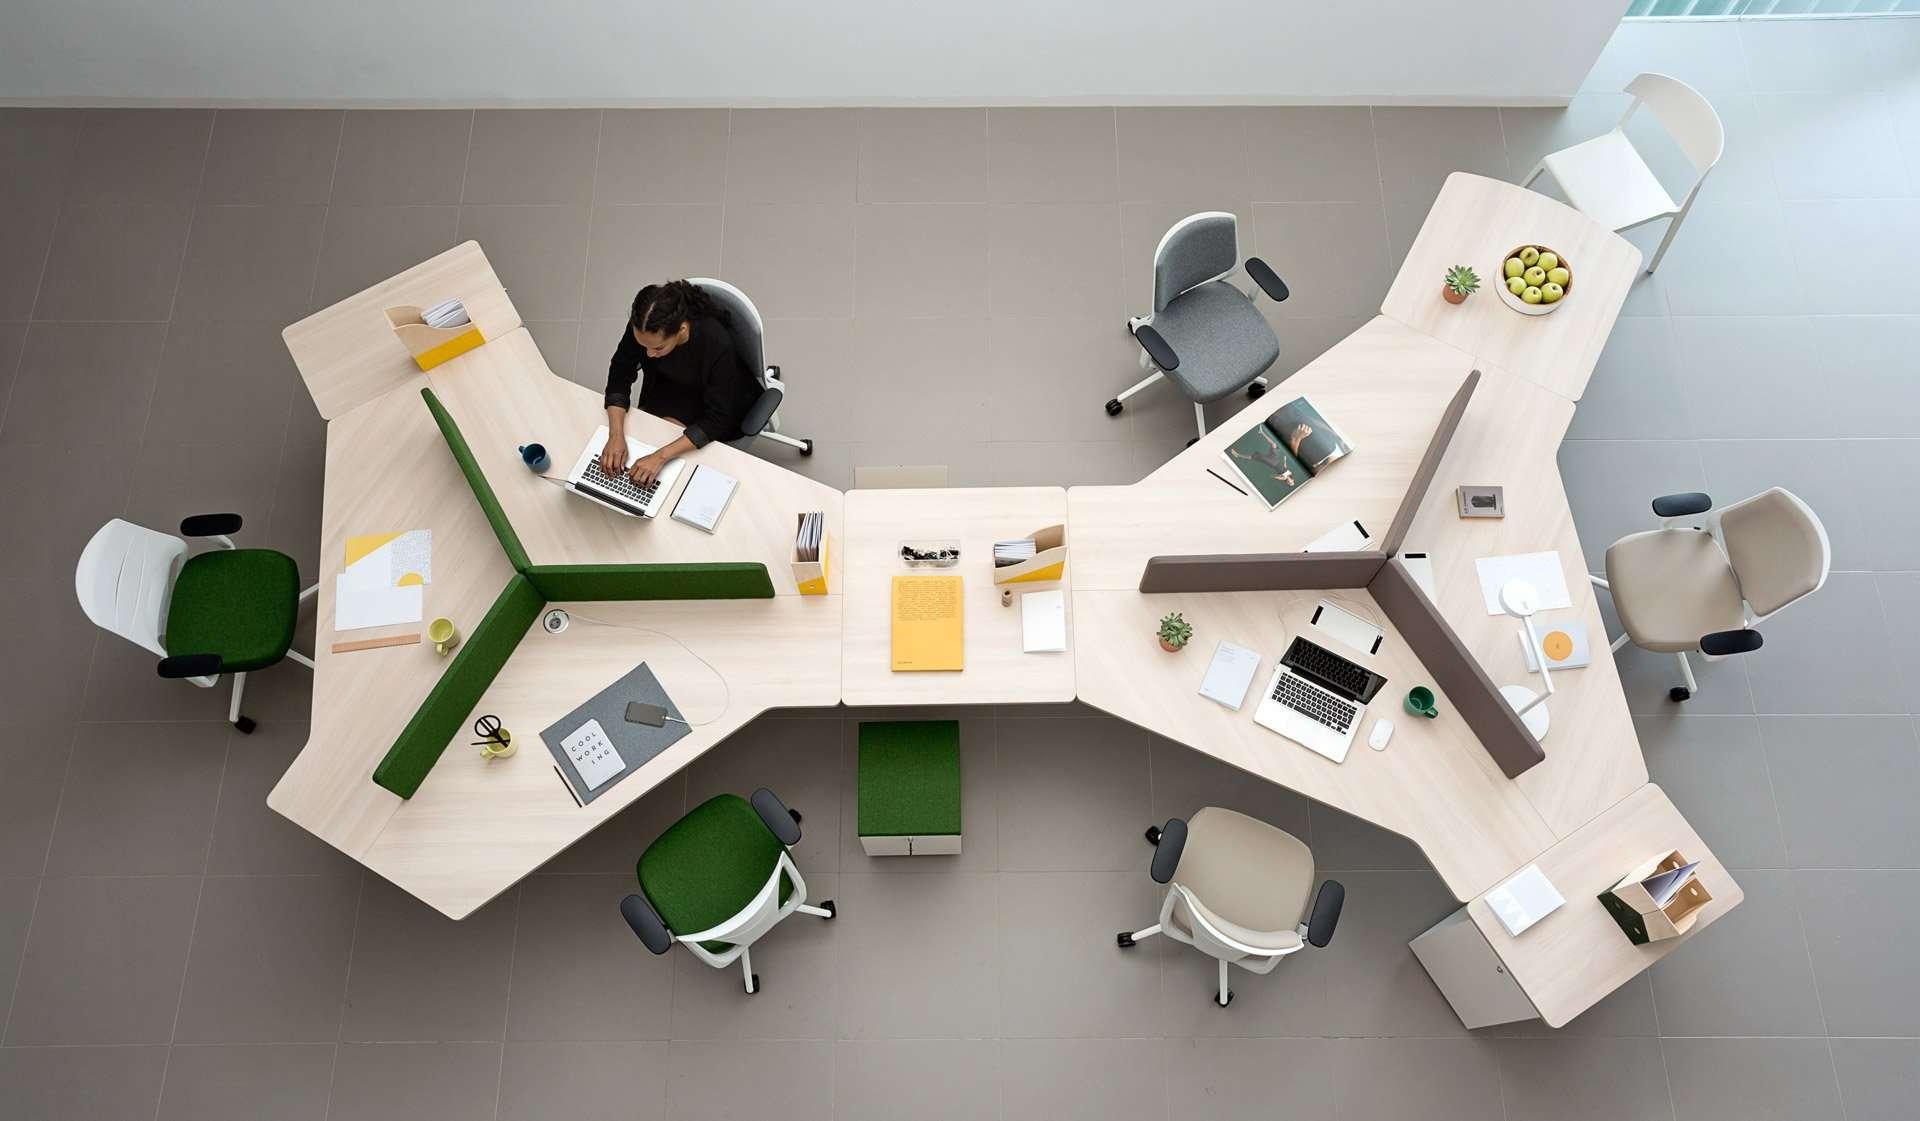 Mobiliario contract para colectividades - home oficina